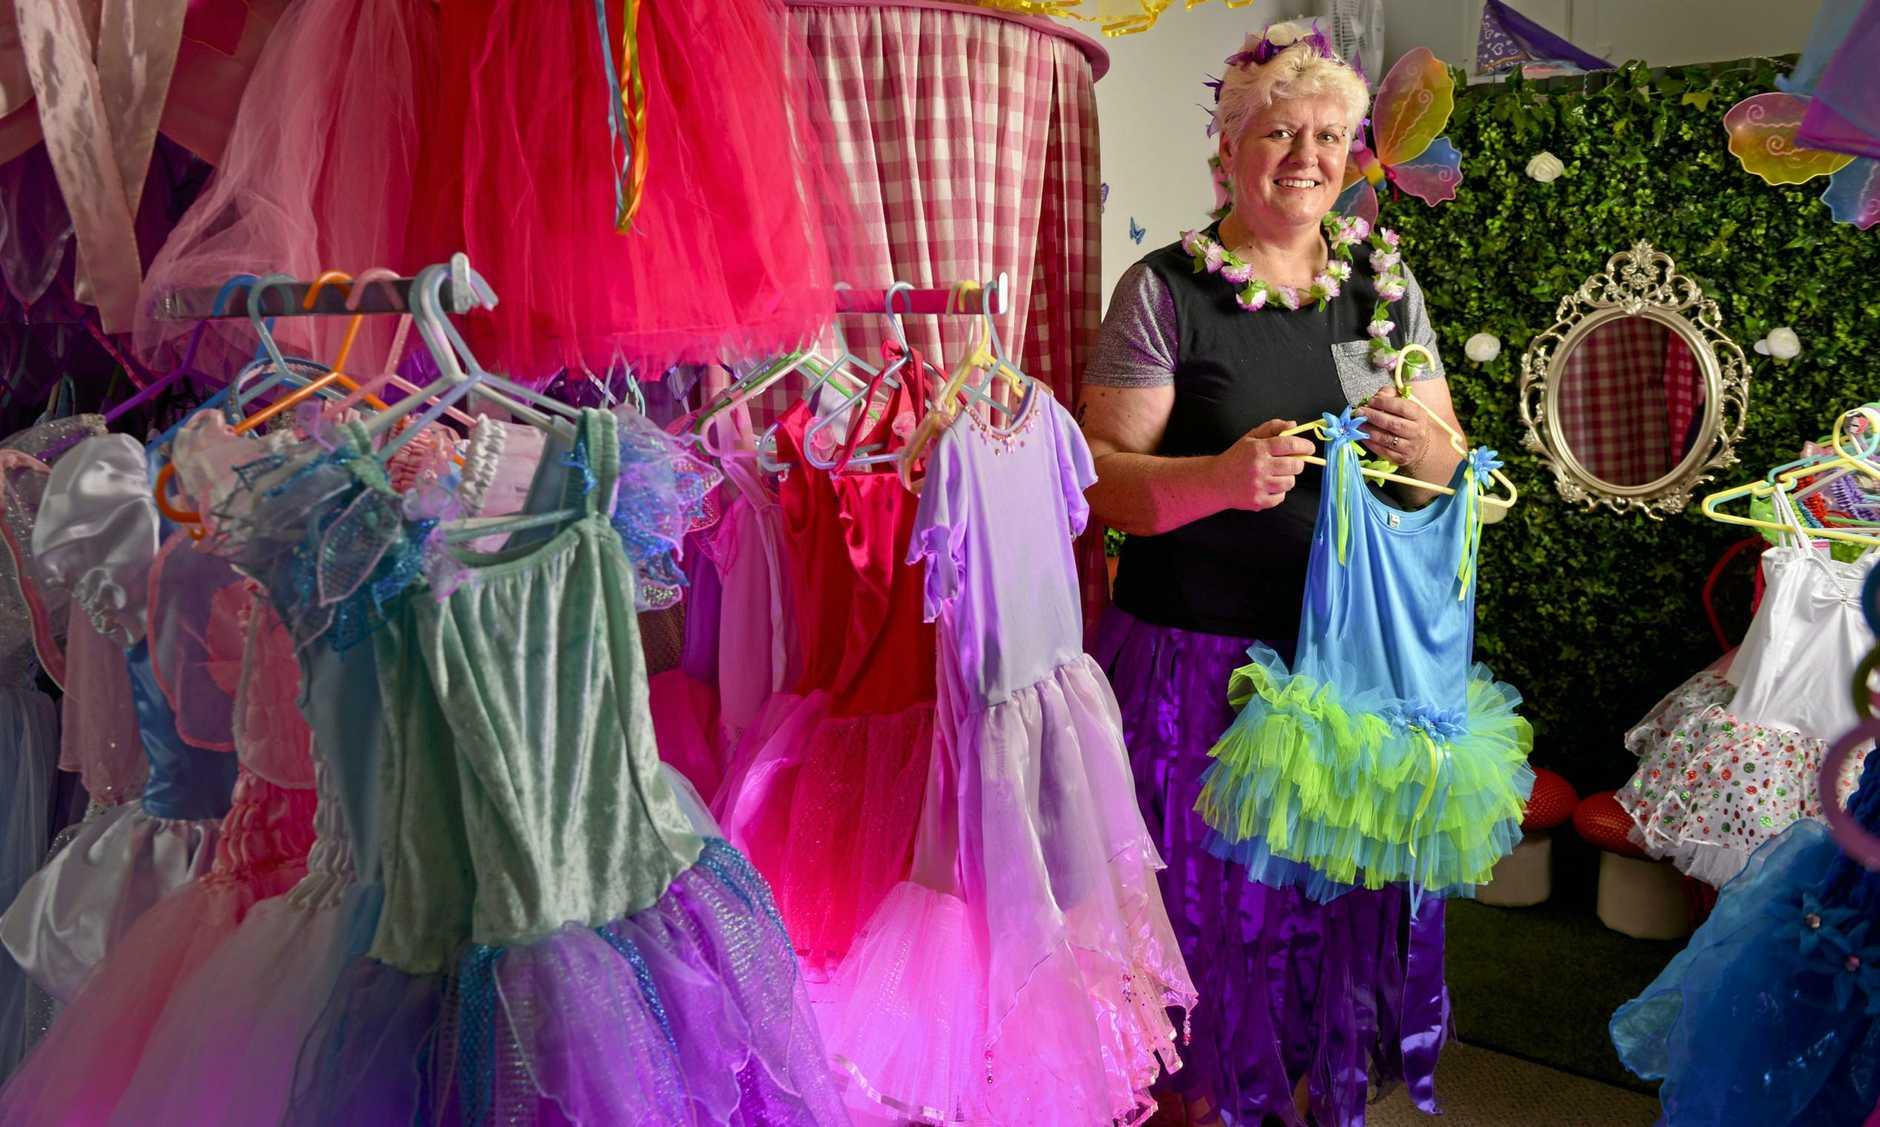 Owner of The Fairy Shack, Jill Severinsen.